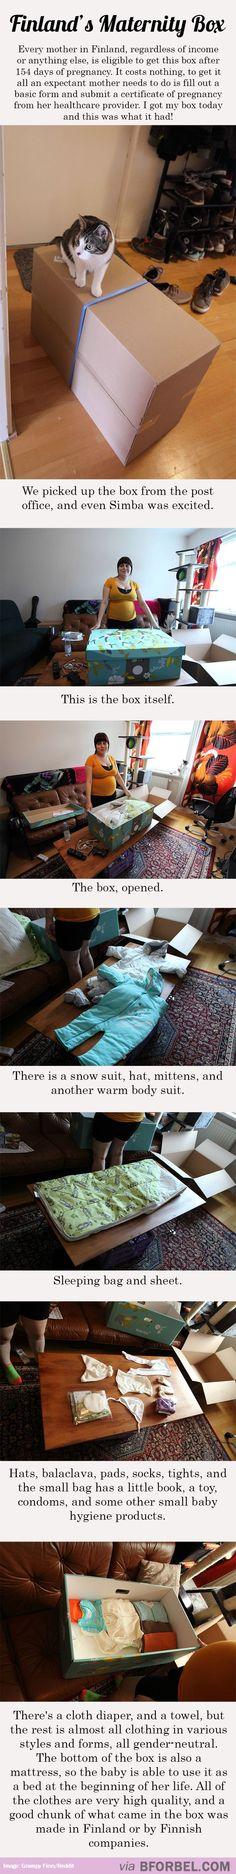 Finland's Maternity Box…